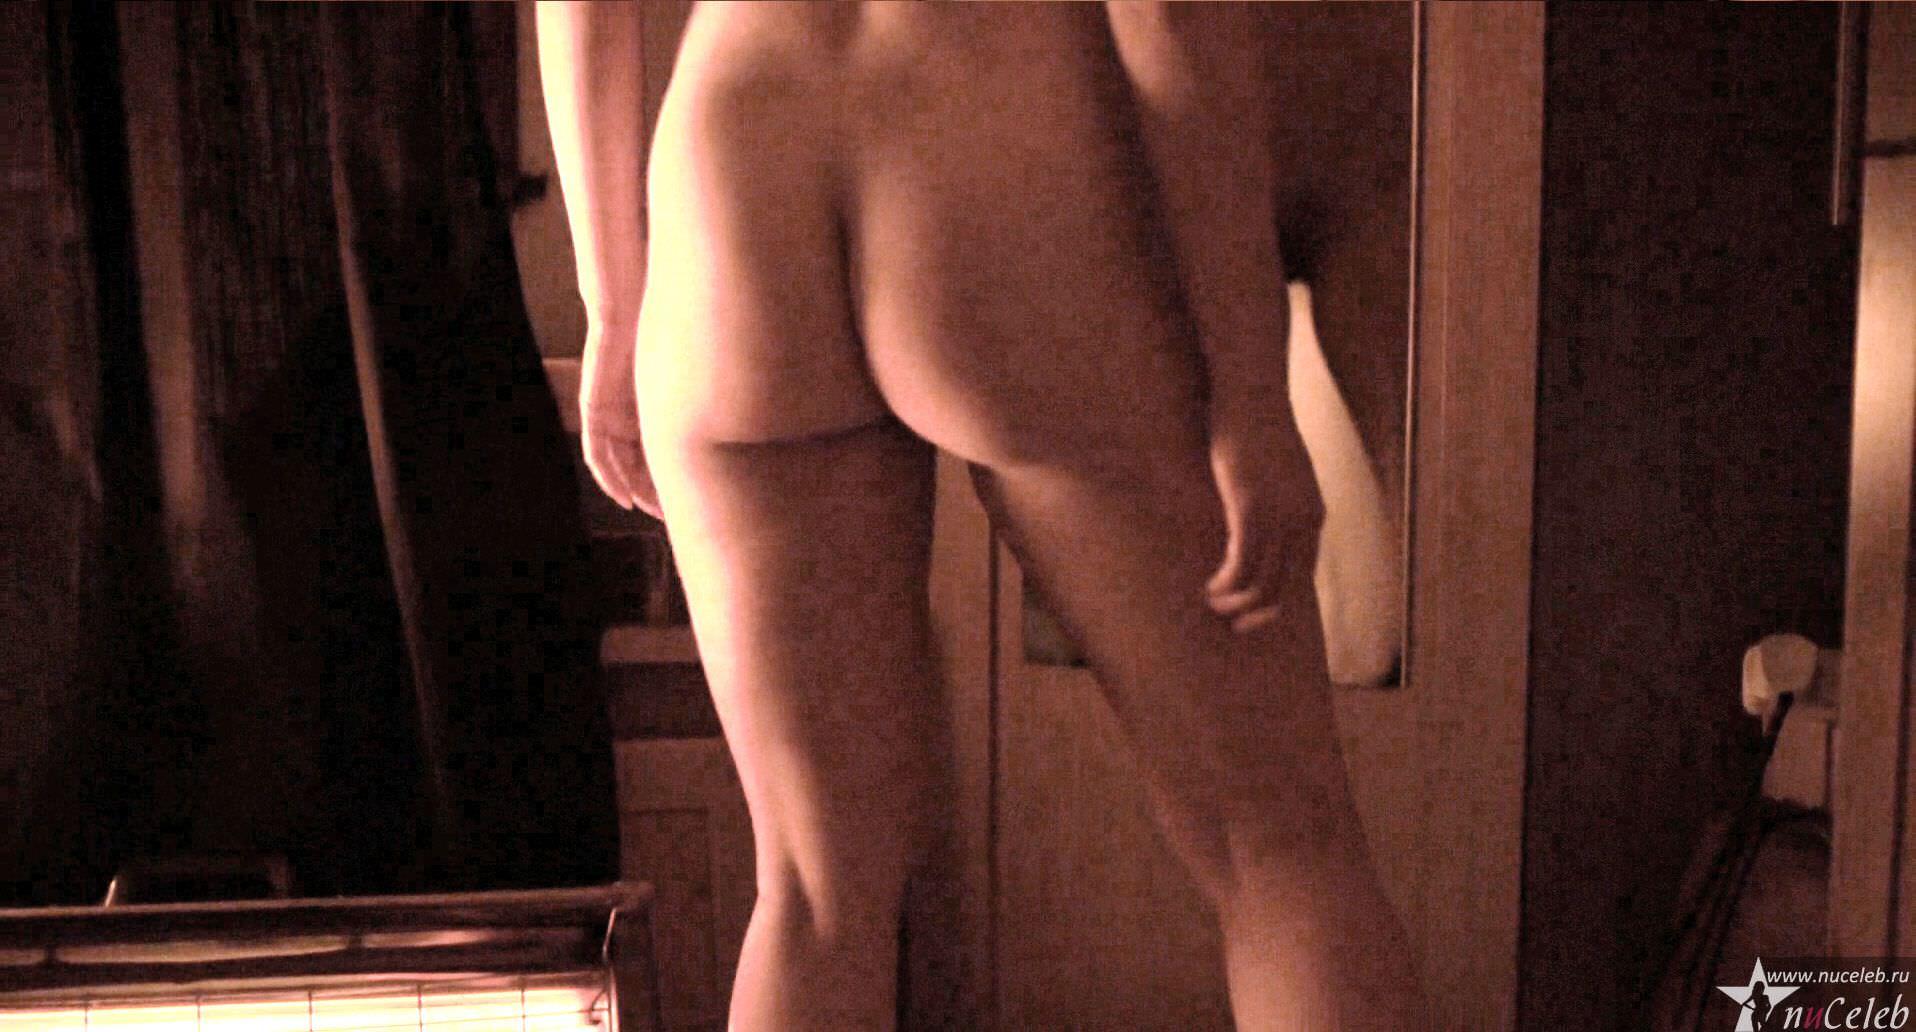 Личные порно фото голой Скарлетт Йоханссон